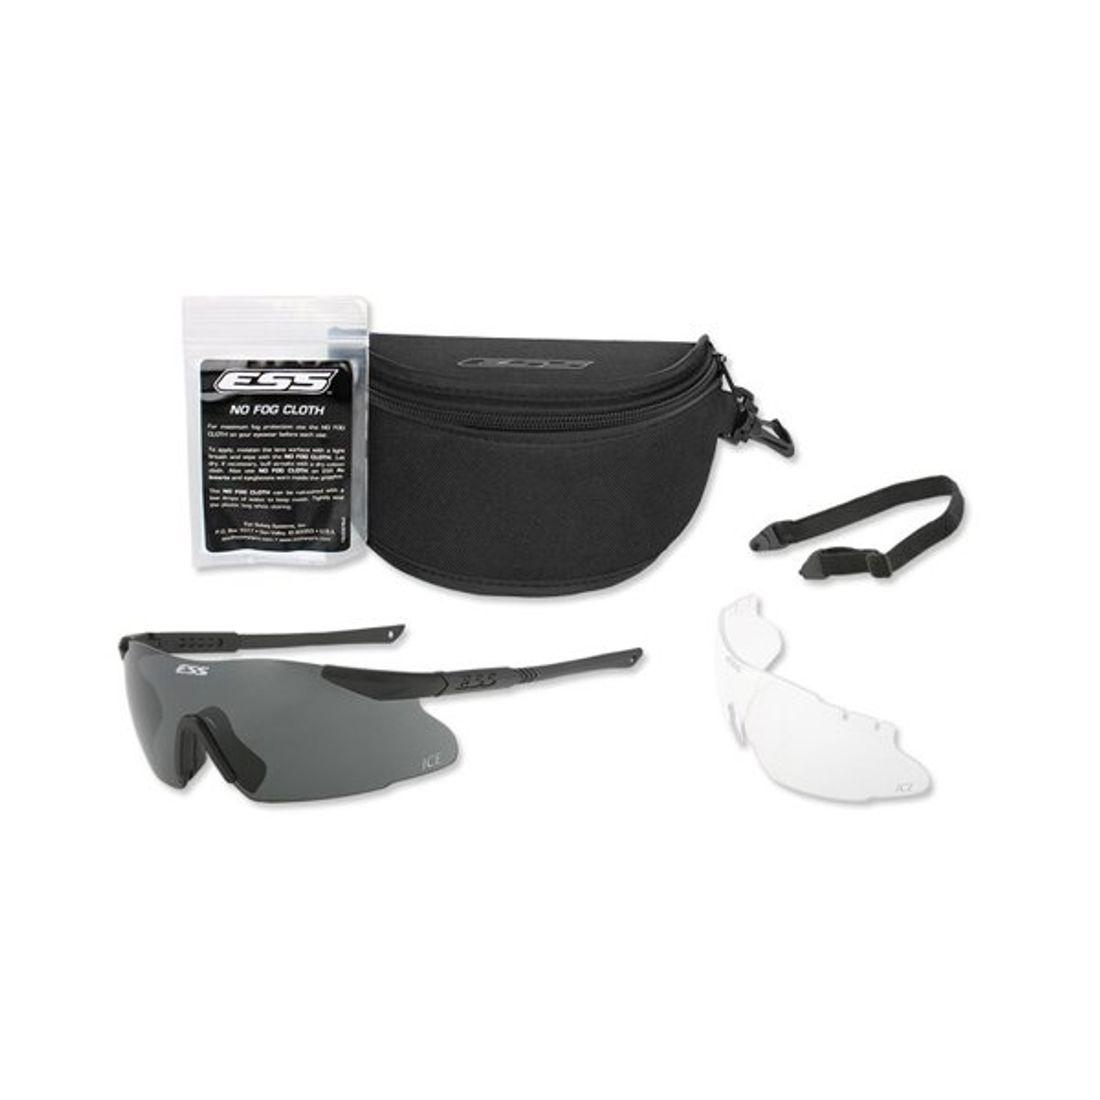 ICE 2LS. Kit lunette ICE™ 2LS verre clair et fumé ESS d5dc7868eec8